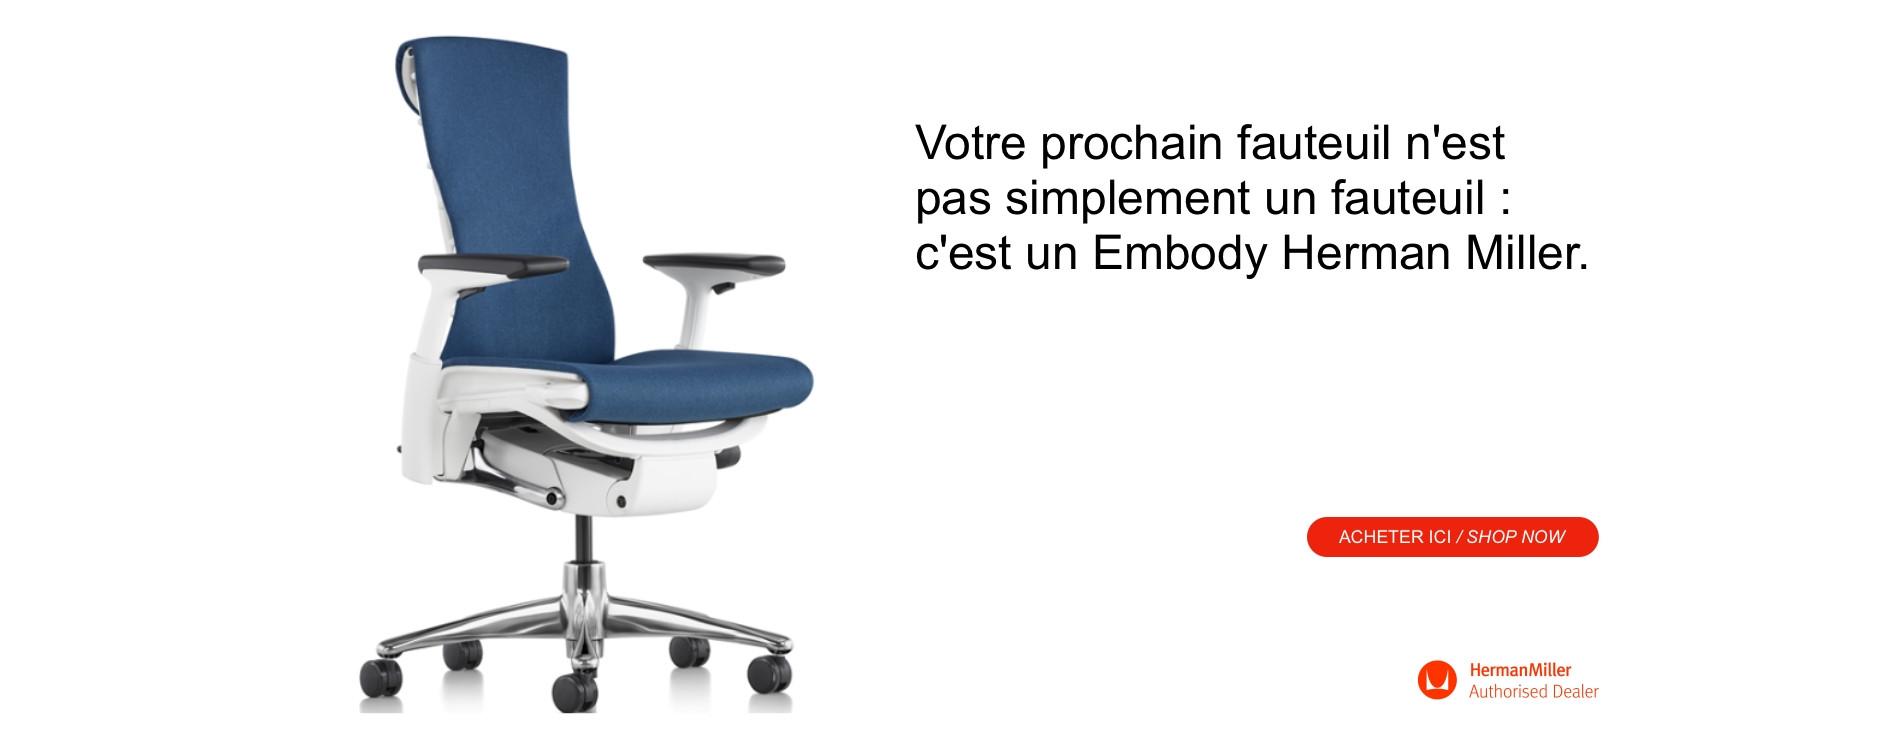 Votre prochain fauteuil est un Embody Herman Miller